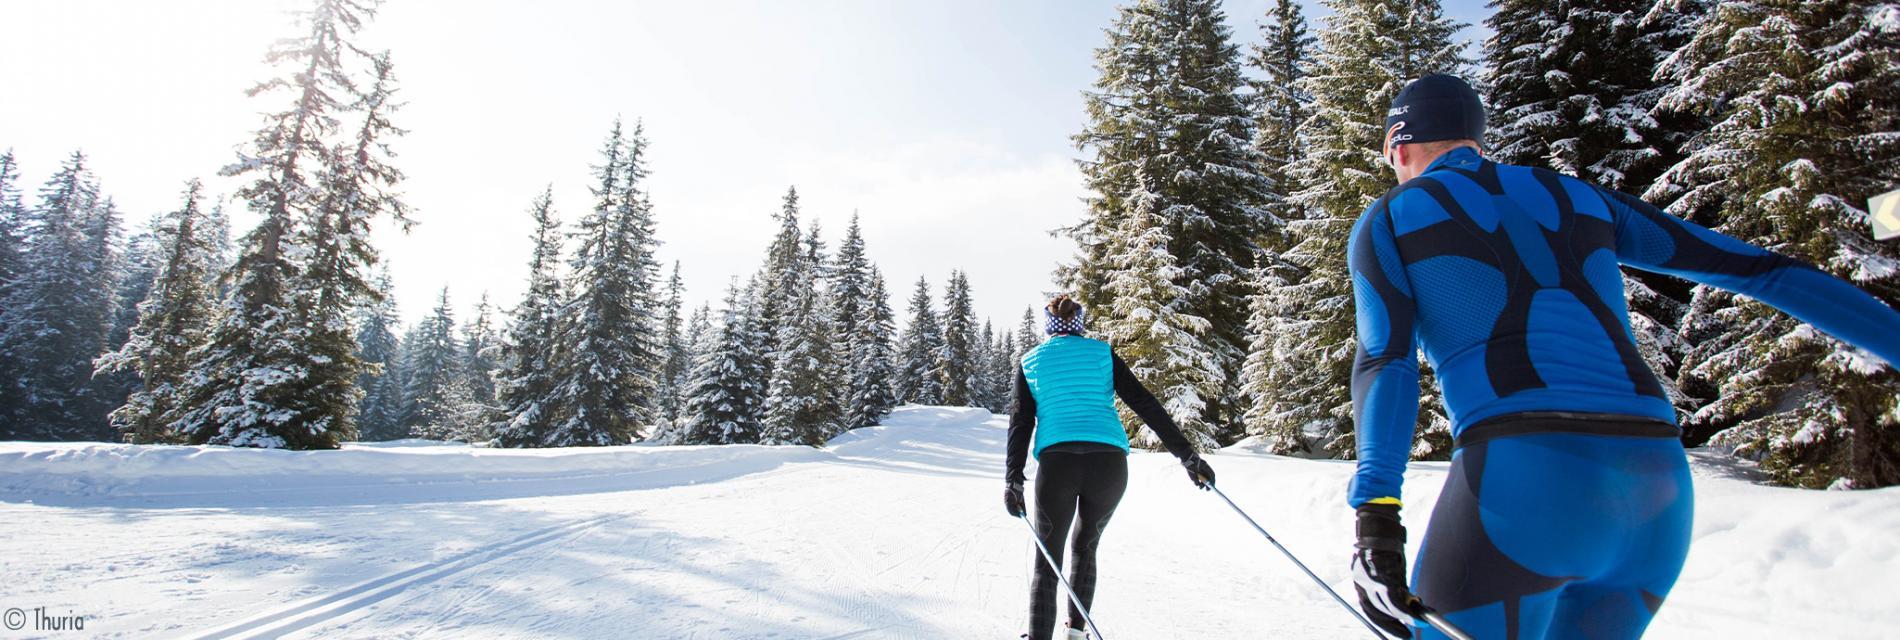 Slide les paysages de ski de randonnées